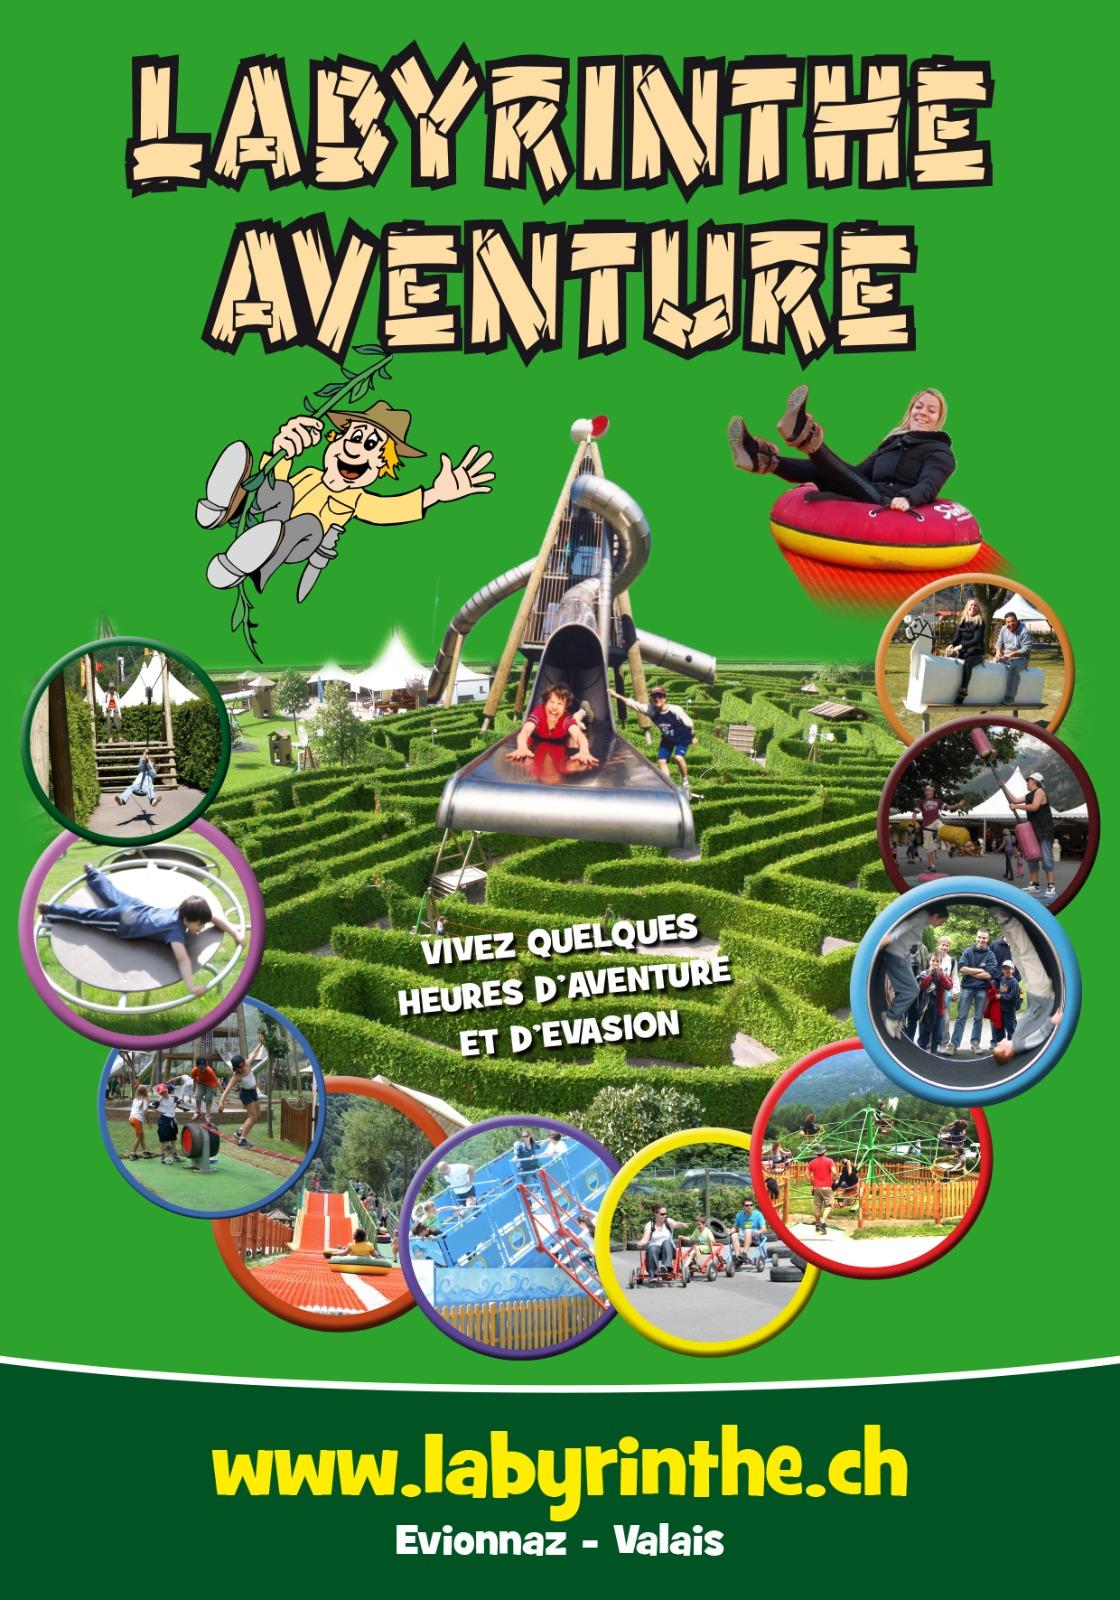 Labyrinthe Aventure : Un parc de Loisirs pour les Grands et les Petits